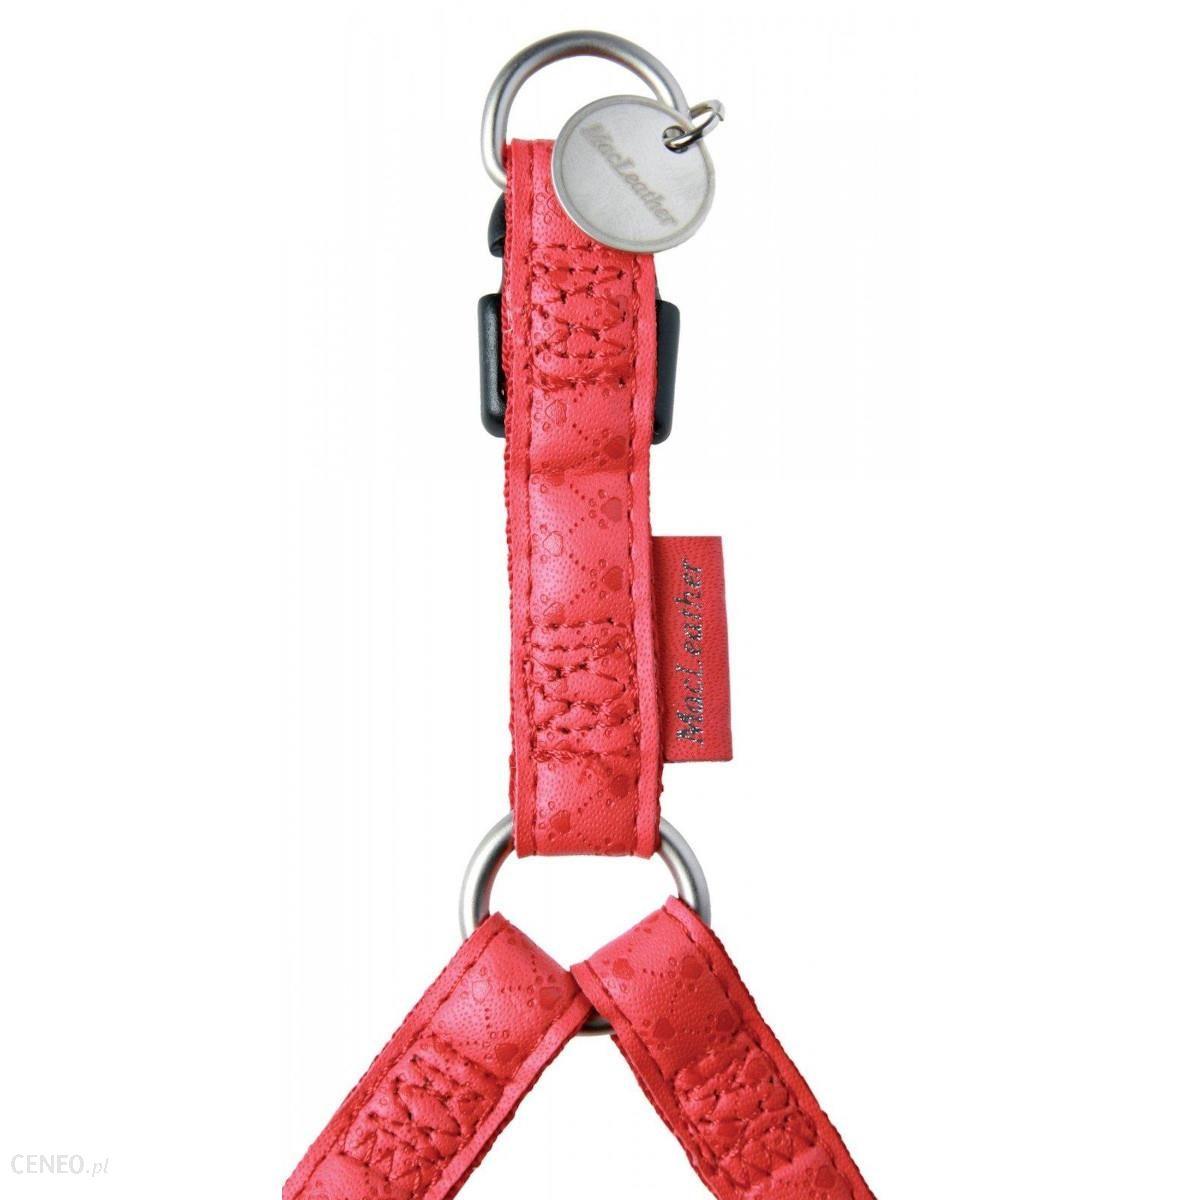 Zolux Mac Leather Szelki regulowan Psa 48-68 /20mm